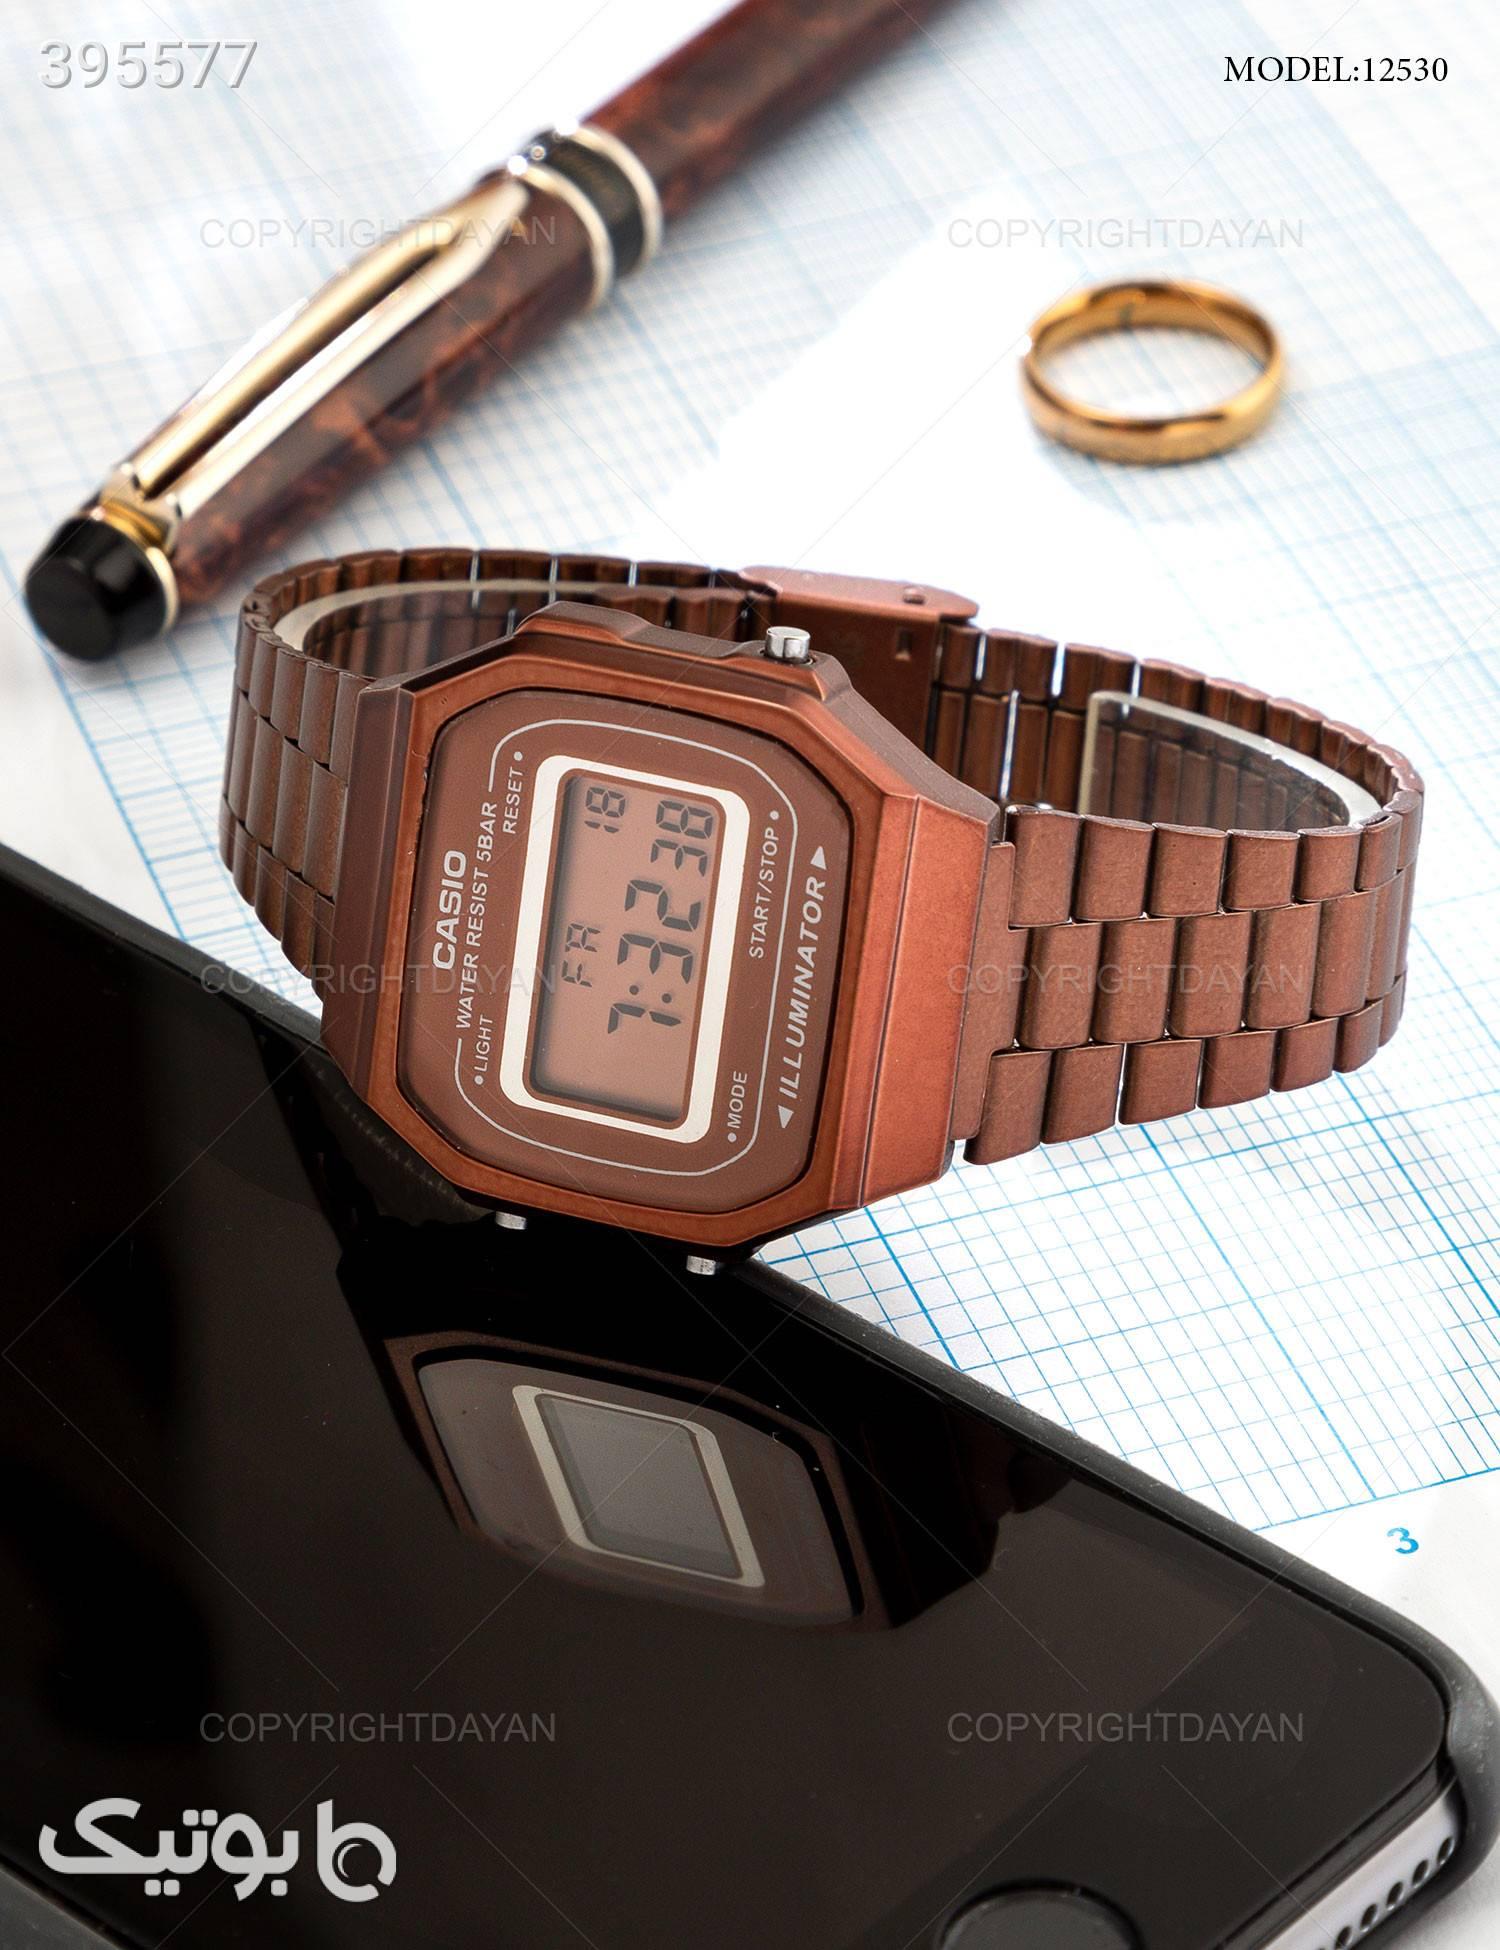 ساعت مچی Casio  مدل 12530 قهوه ای ساعت